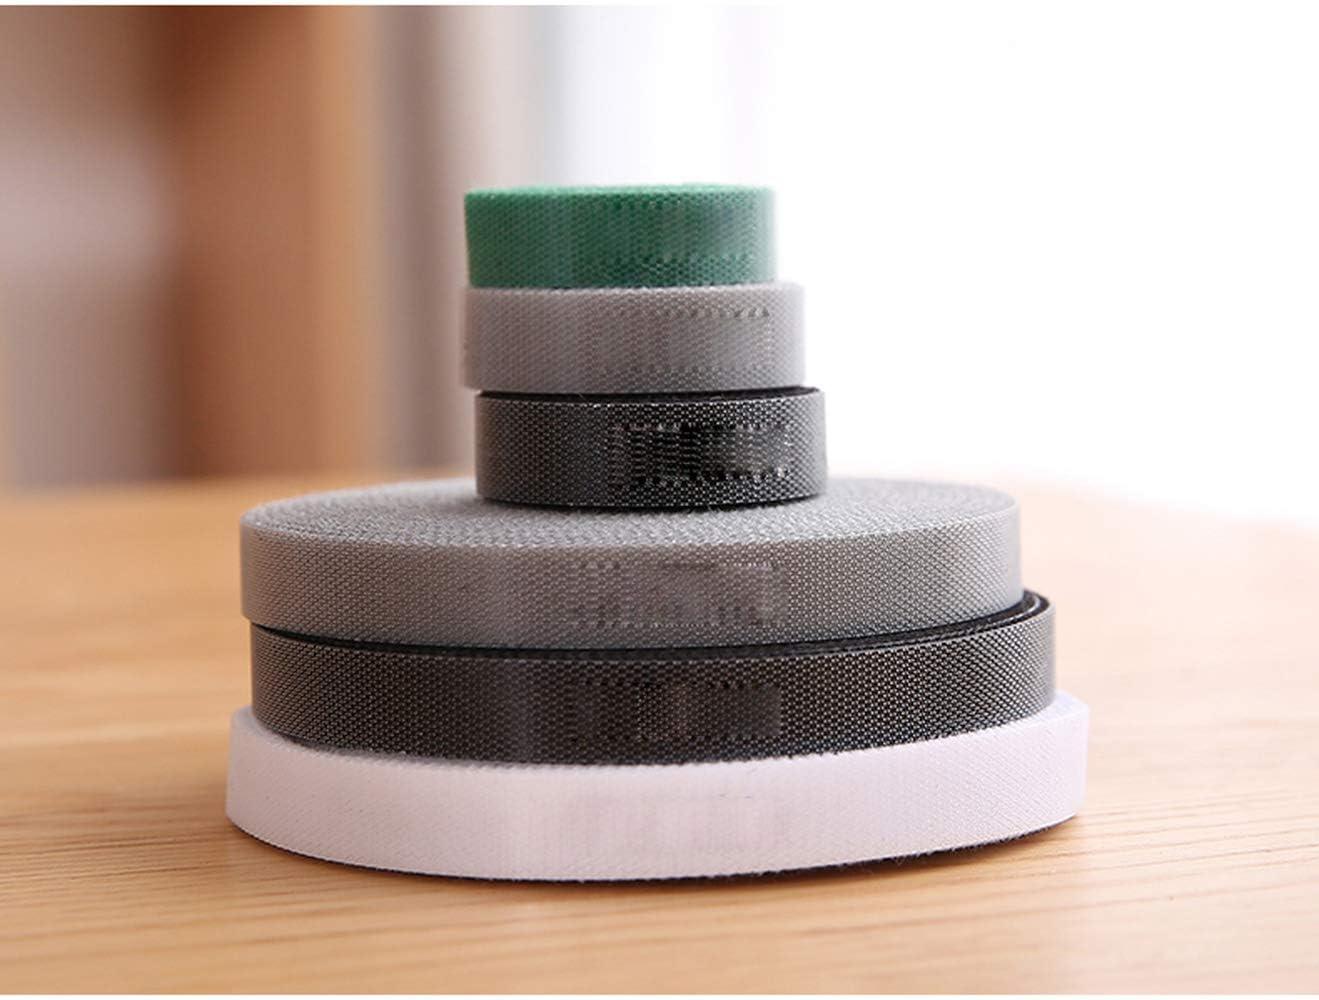 Bridas Velcro,Reutilizables,se Puede Cortar 500cm ajustable cierre de velcro cable ties organizador negro Cinta Velcro organizador cables,gancho y bucle correas,1.2